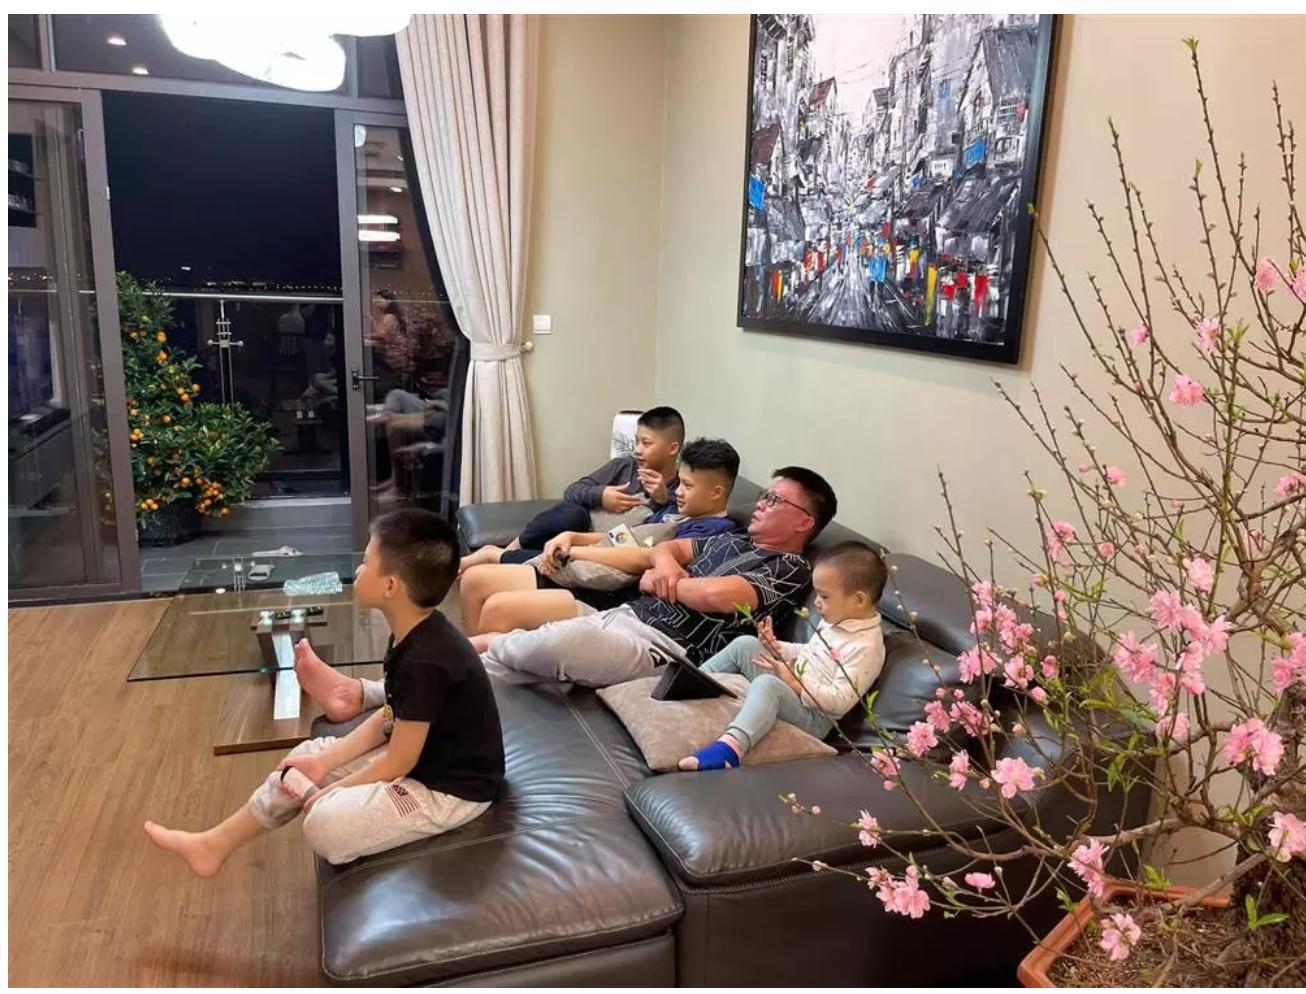 """BTV Quang Minh """"ông bố đông con nhất VTV"""": """"Vợ chồng lục đục suốt ngày vì chuyện con cái"""" - Ảnh 2."""